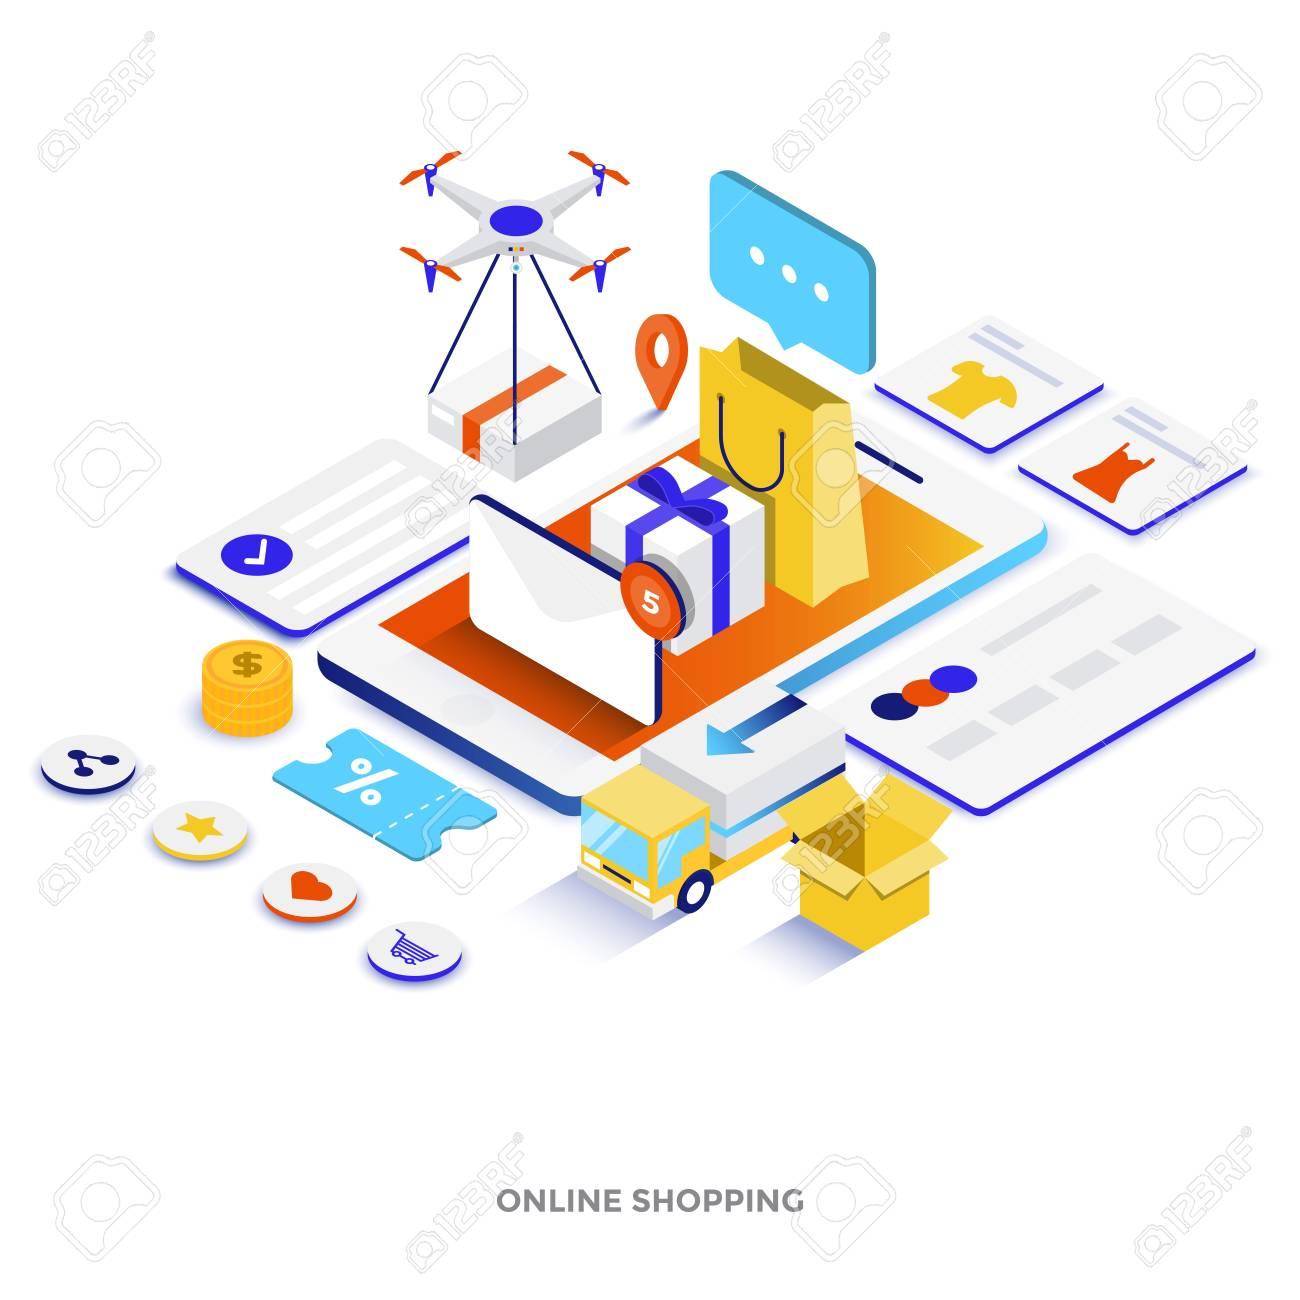 Modern flat design isometric illustration of Online Shopping